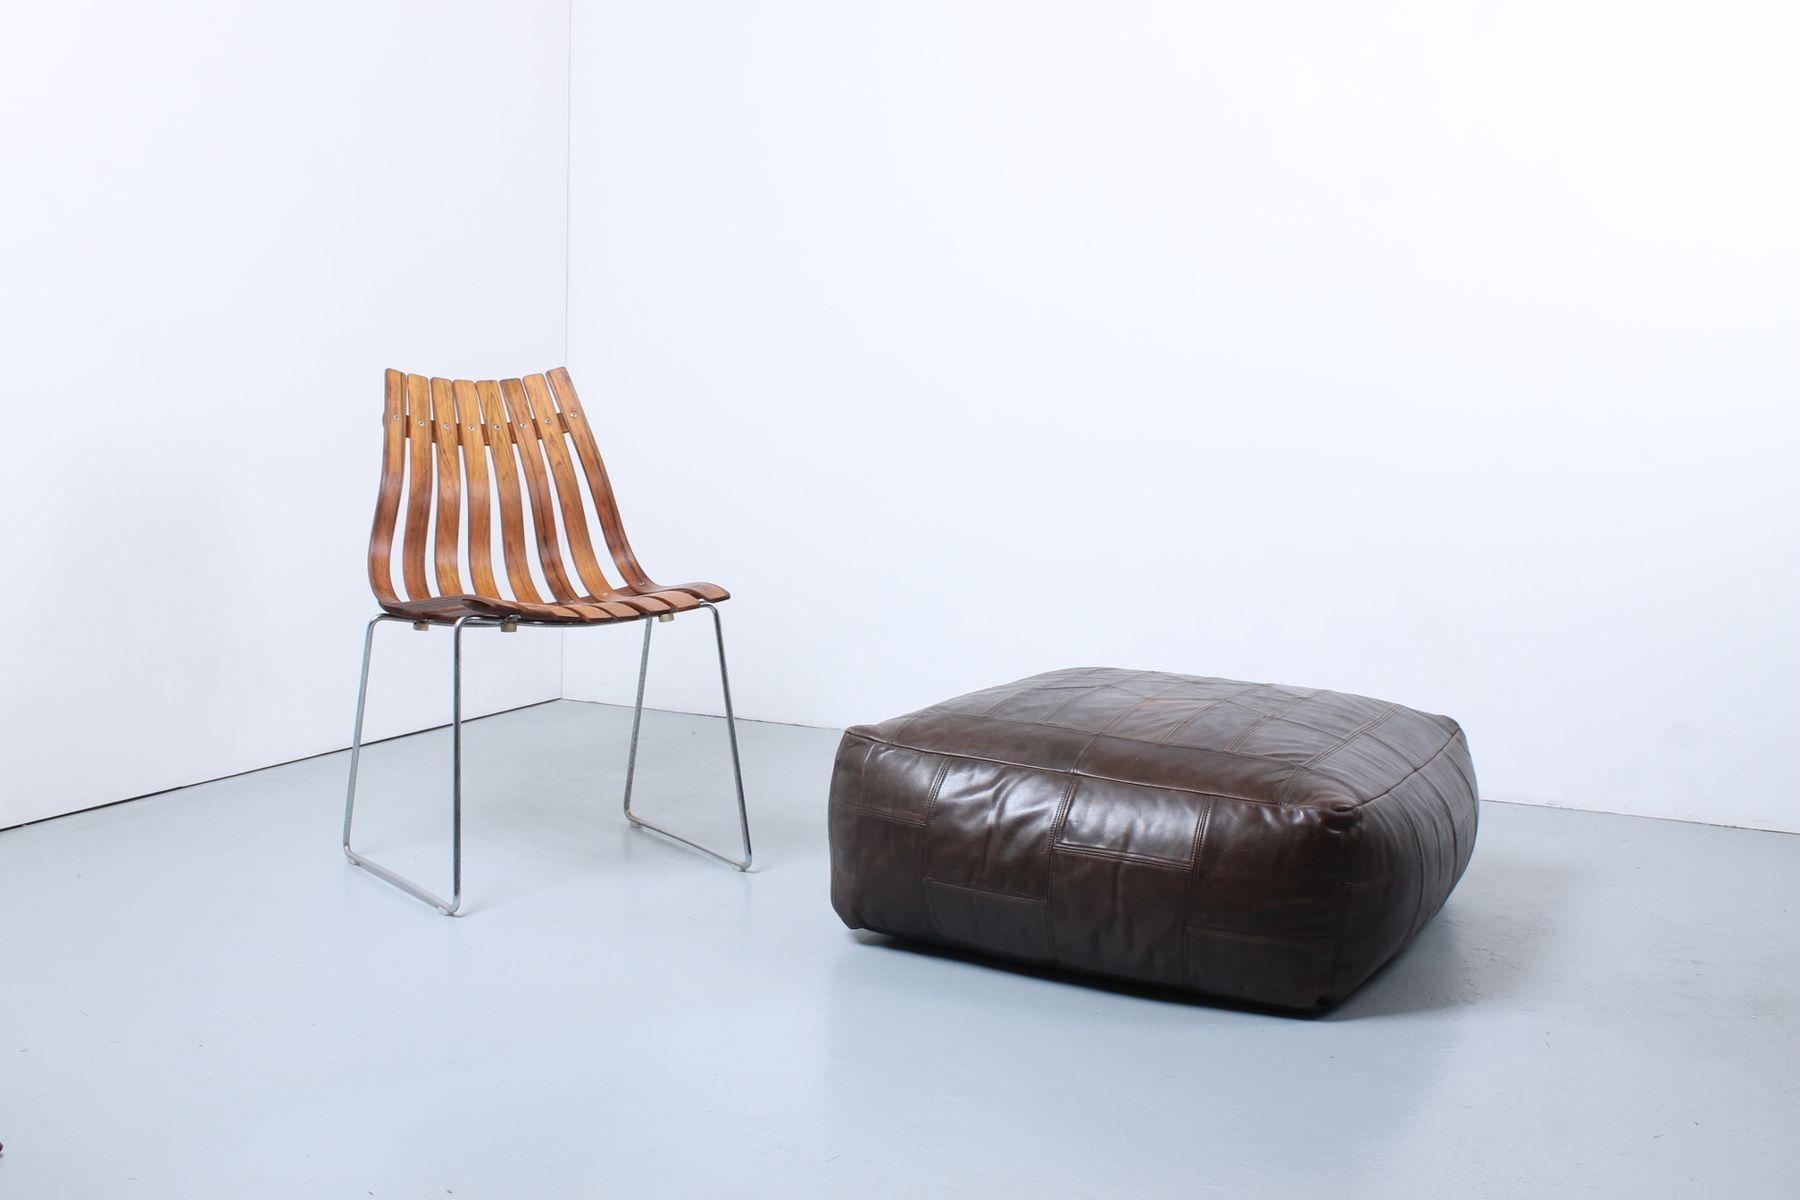 grand pouf ou repose pied vintage en cuir artificiel en vente sur pamono. Black Bedroom Furniture Sets. Home Design Ideas